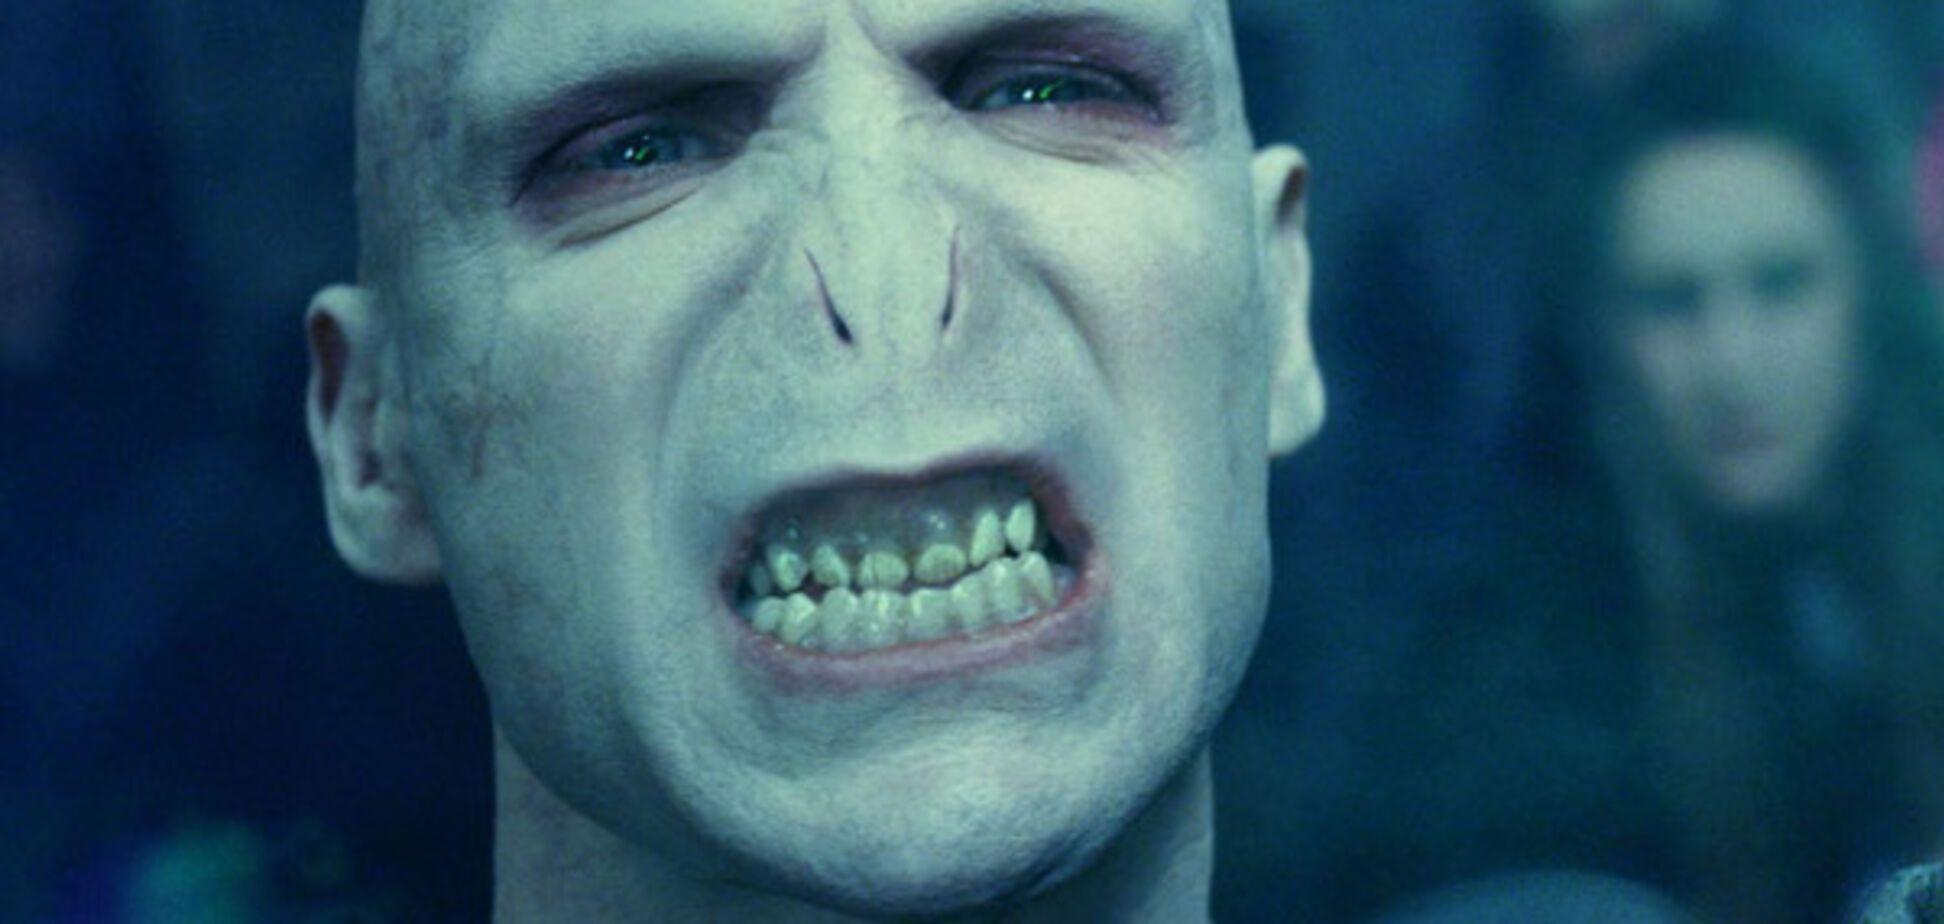 Фанаты Гарри Поттера представили первый трейлер фильма о молодом Волан-де-Морте